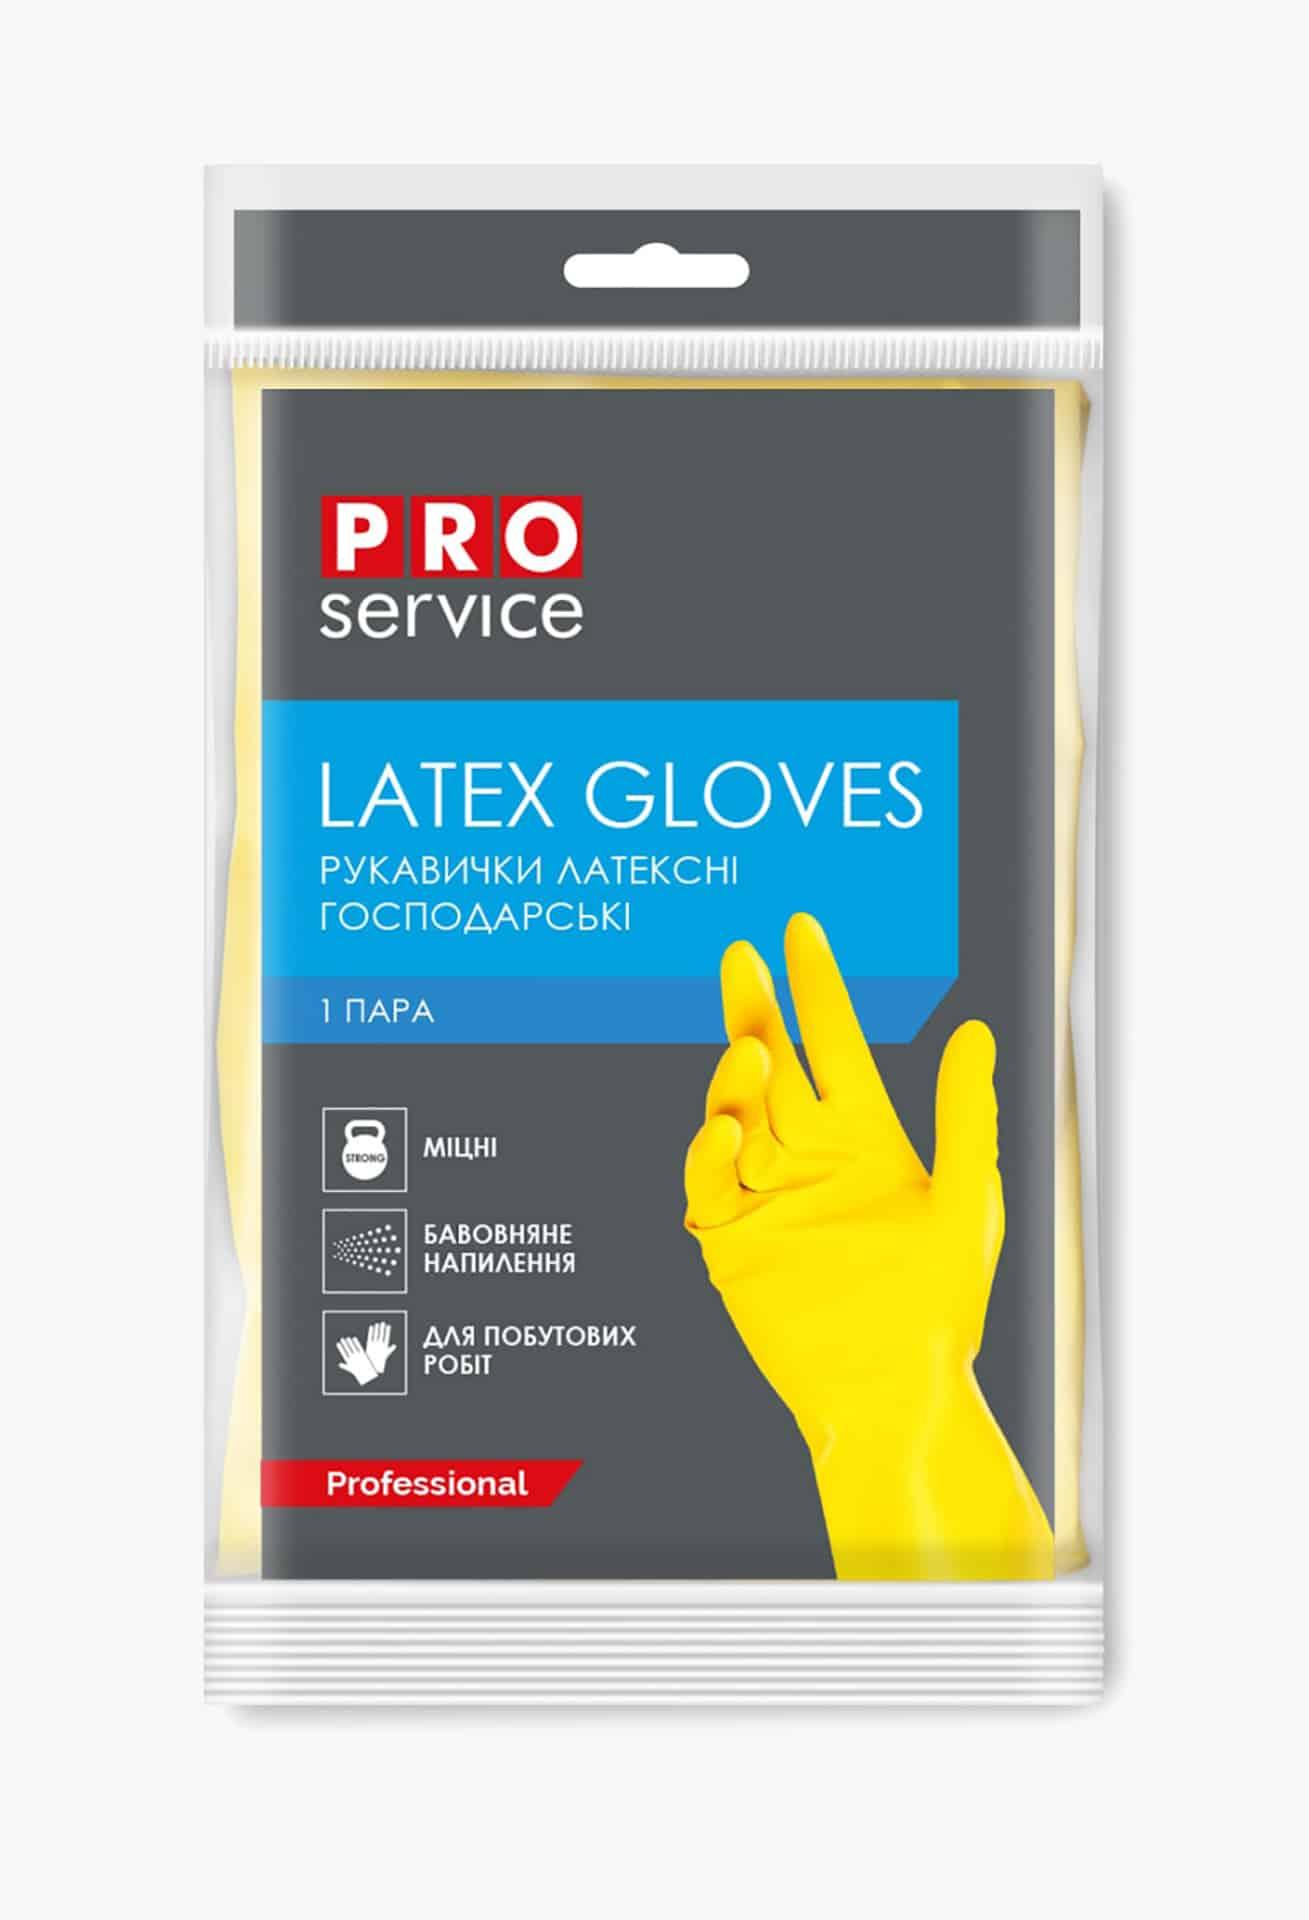 PRO Рукавички універсальні латексні, Professional, 1 пара, S